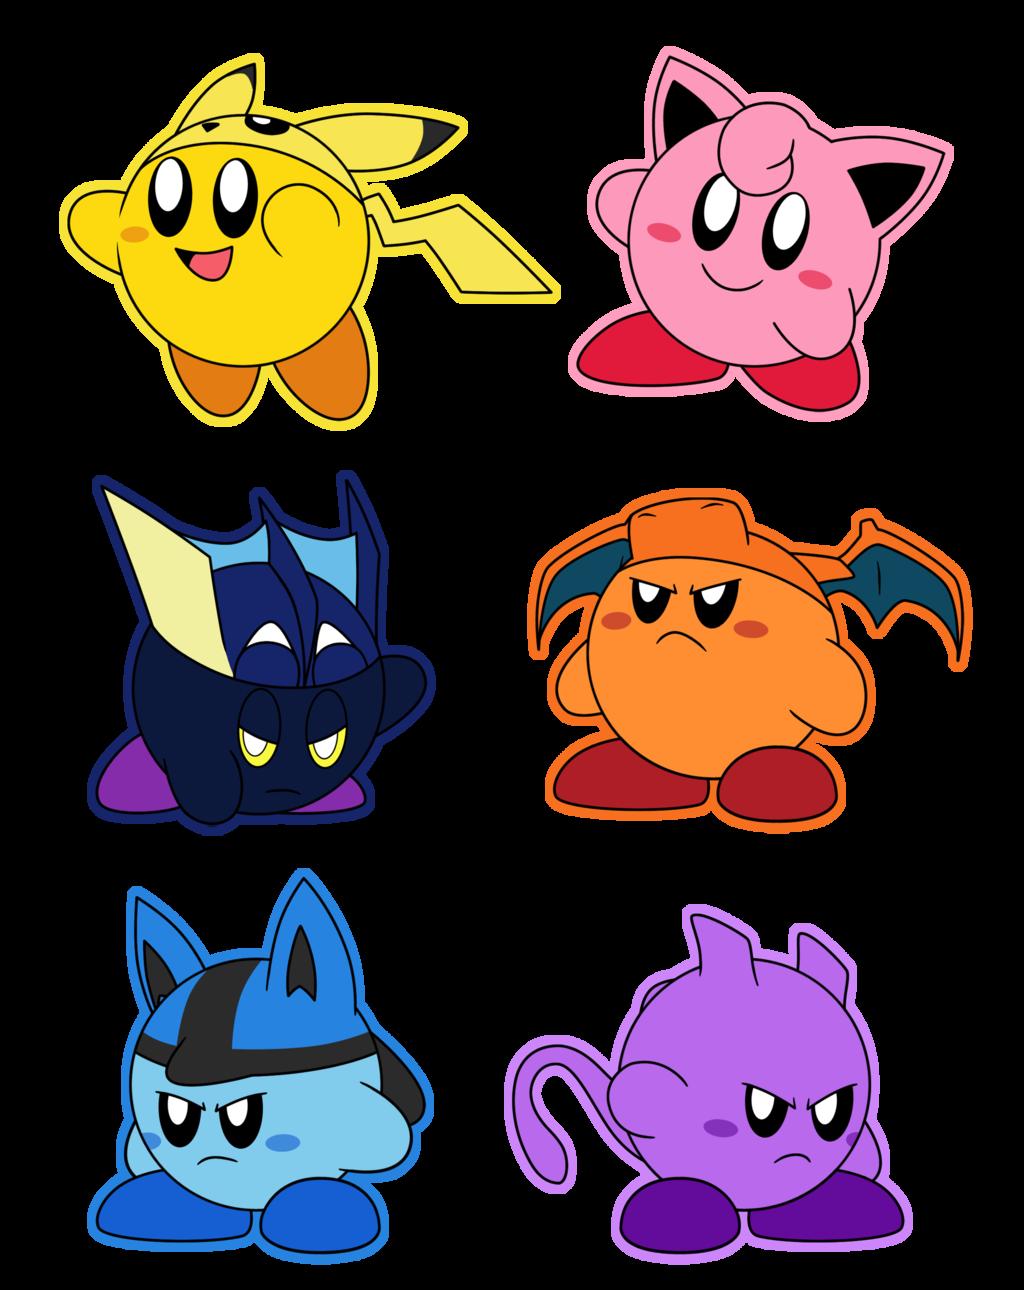 Kirbymon